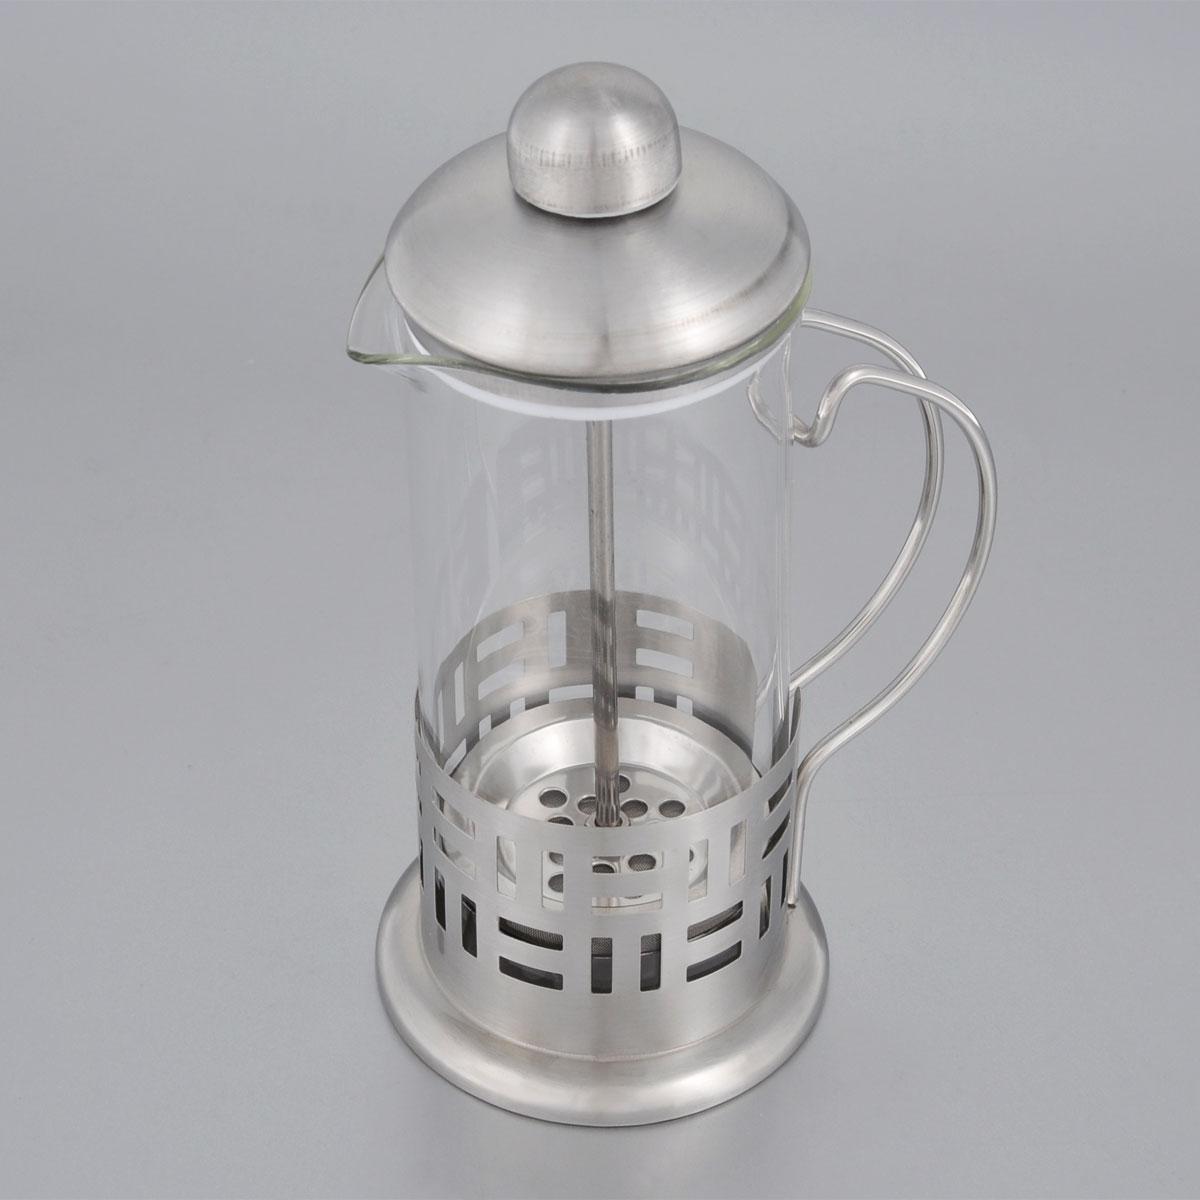 Френч-пресс Bohmann, 350 мл. 9535BH54 009305Френч-пресс Bohmann используется для заваривания крупнолистового чая, кофе среднего помола, травяных сборов. Изготовлен из высококачественной нержавеющей стали и термостойкого стекла, выдерживающего высокую температуру, что придает ему надежность и долговечность. Френч-пресс Bohmann незаменим для любителей чая и кофе.Можно мыть в посудомоечной машине.Объем: 350 мл.Высота (с учетом крышки): 18 см.Диаметр (по верхнему краю): 7,5 см.